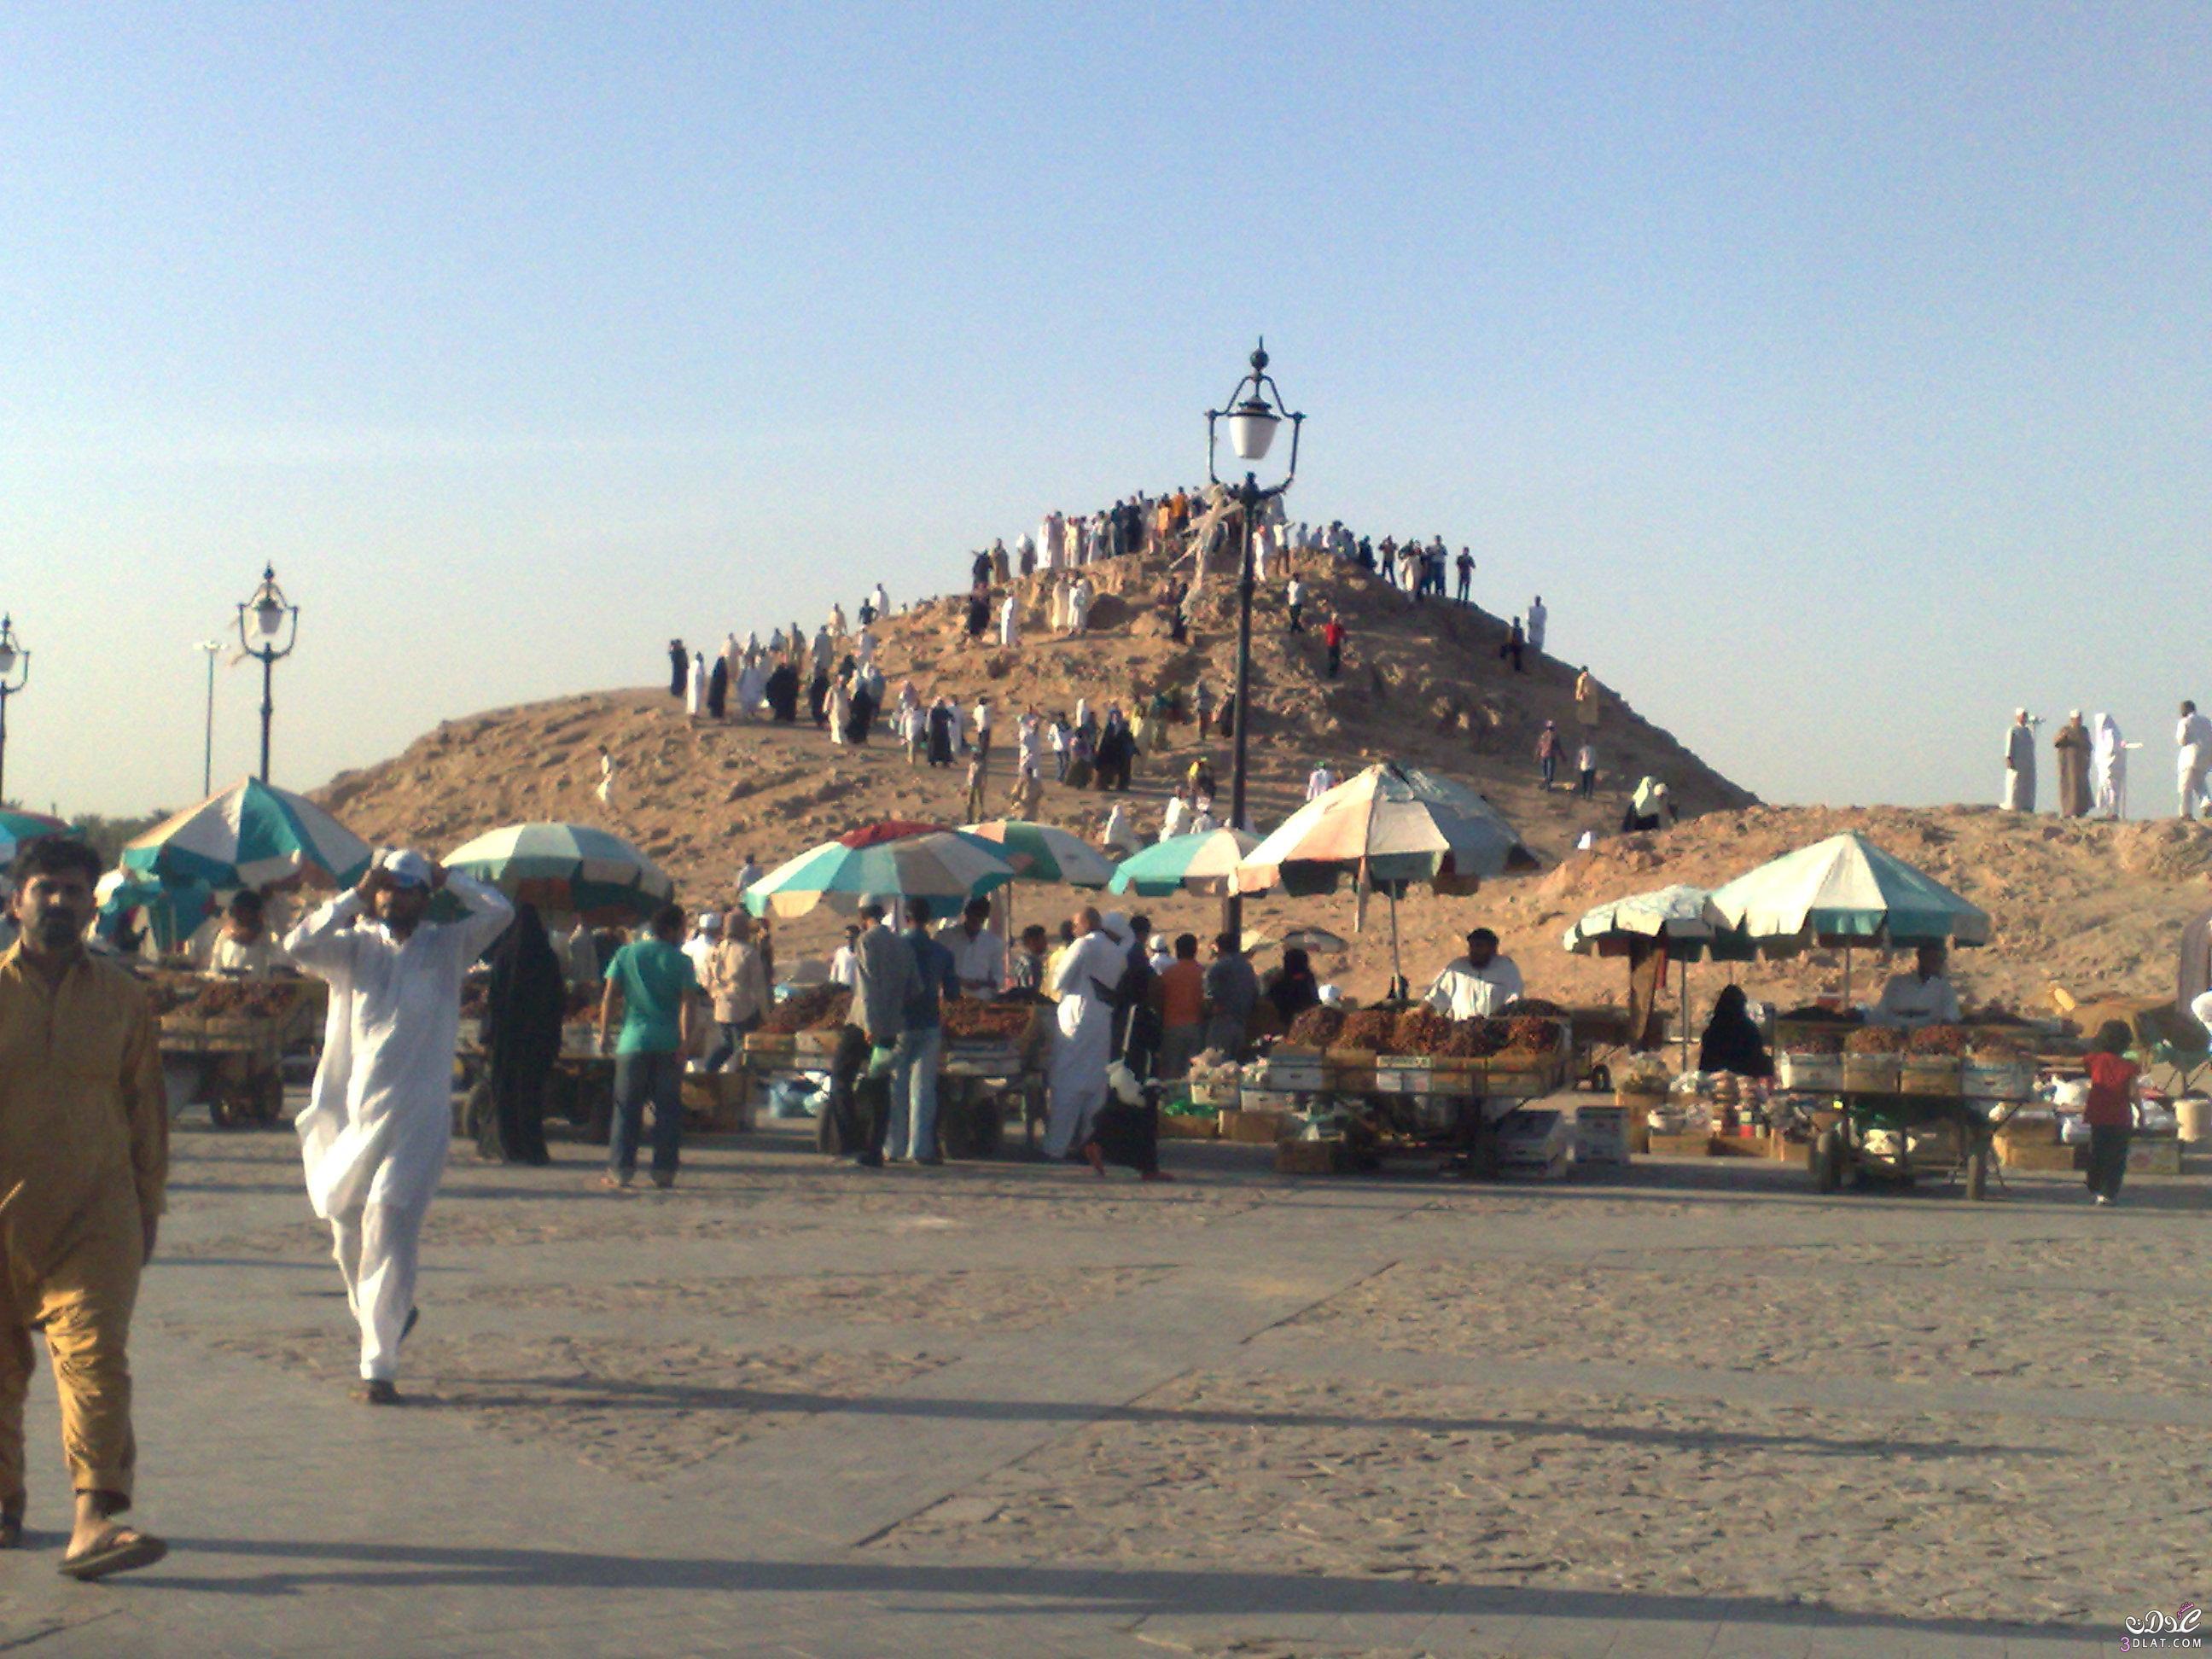 [بعدستي] صور للمسجد النبوى وبعض المزارات بالمدينة 3dlat.com_1390710104